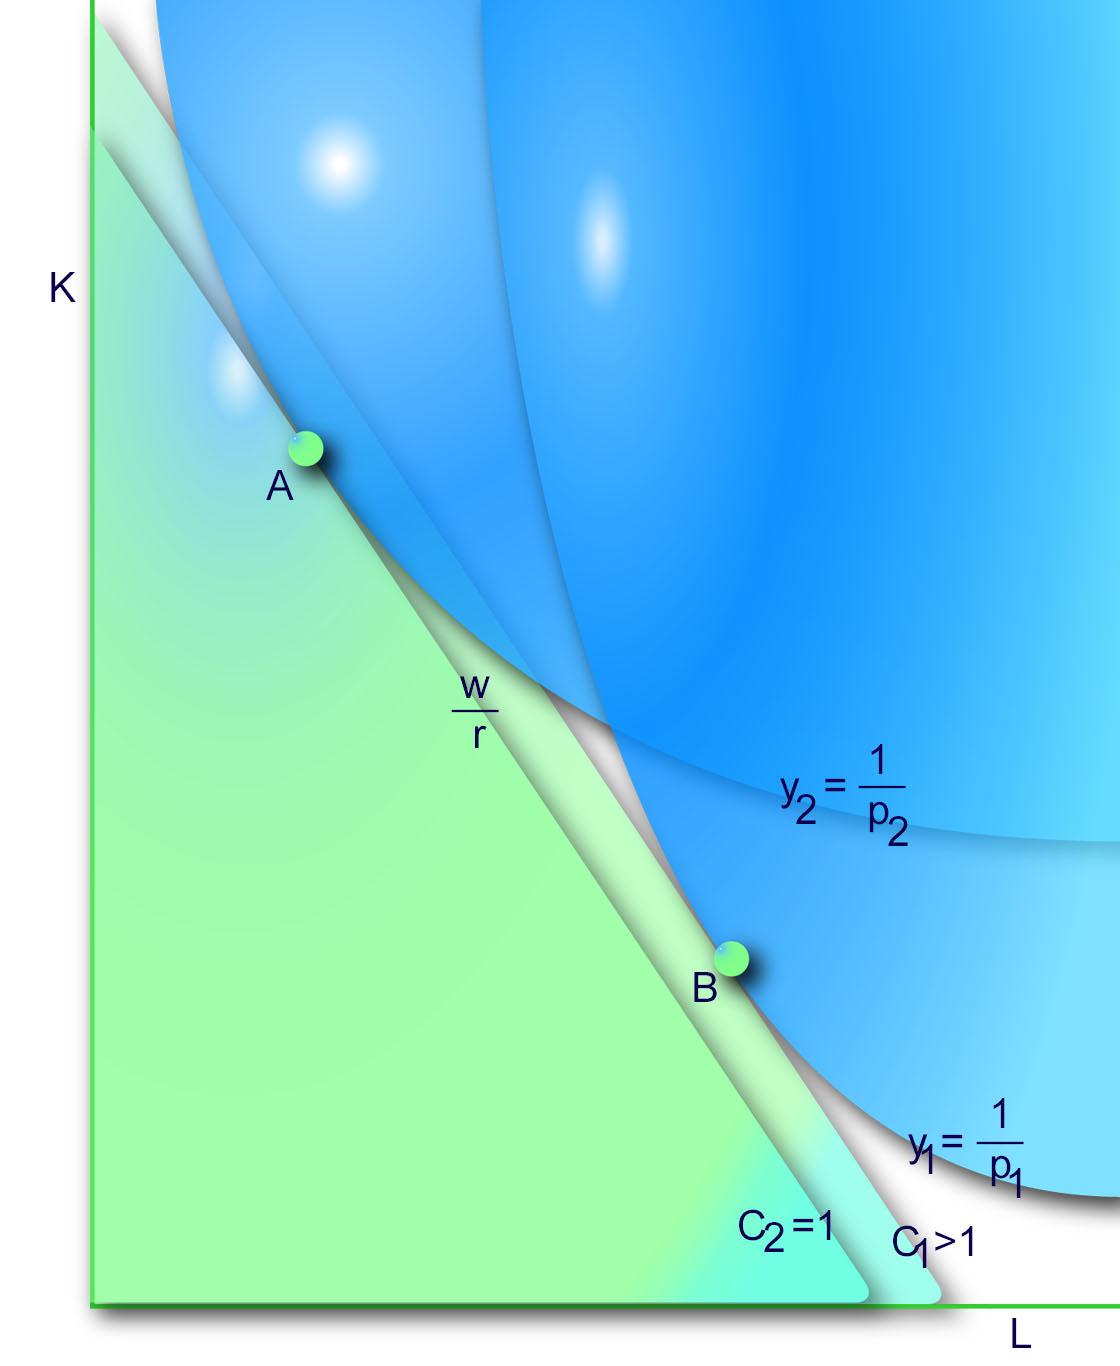 heckscher ohlin theory assumptions